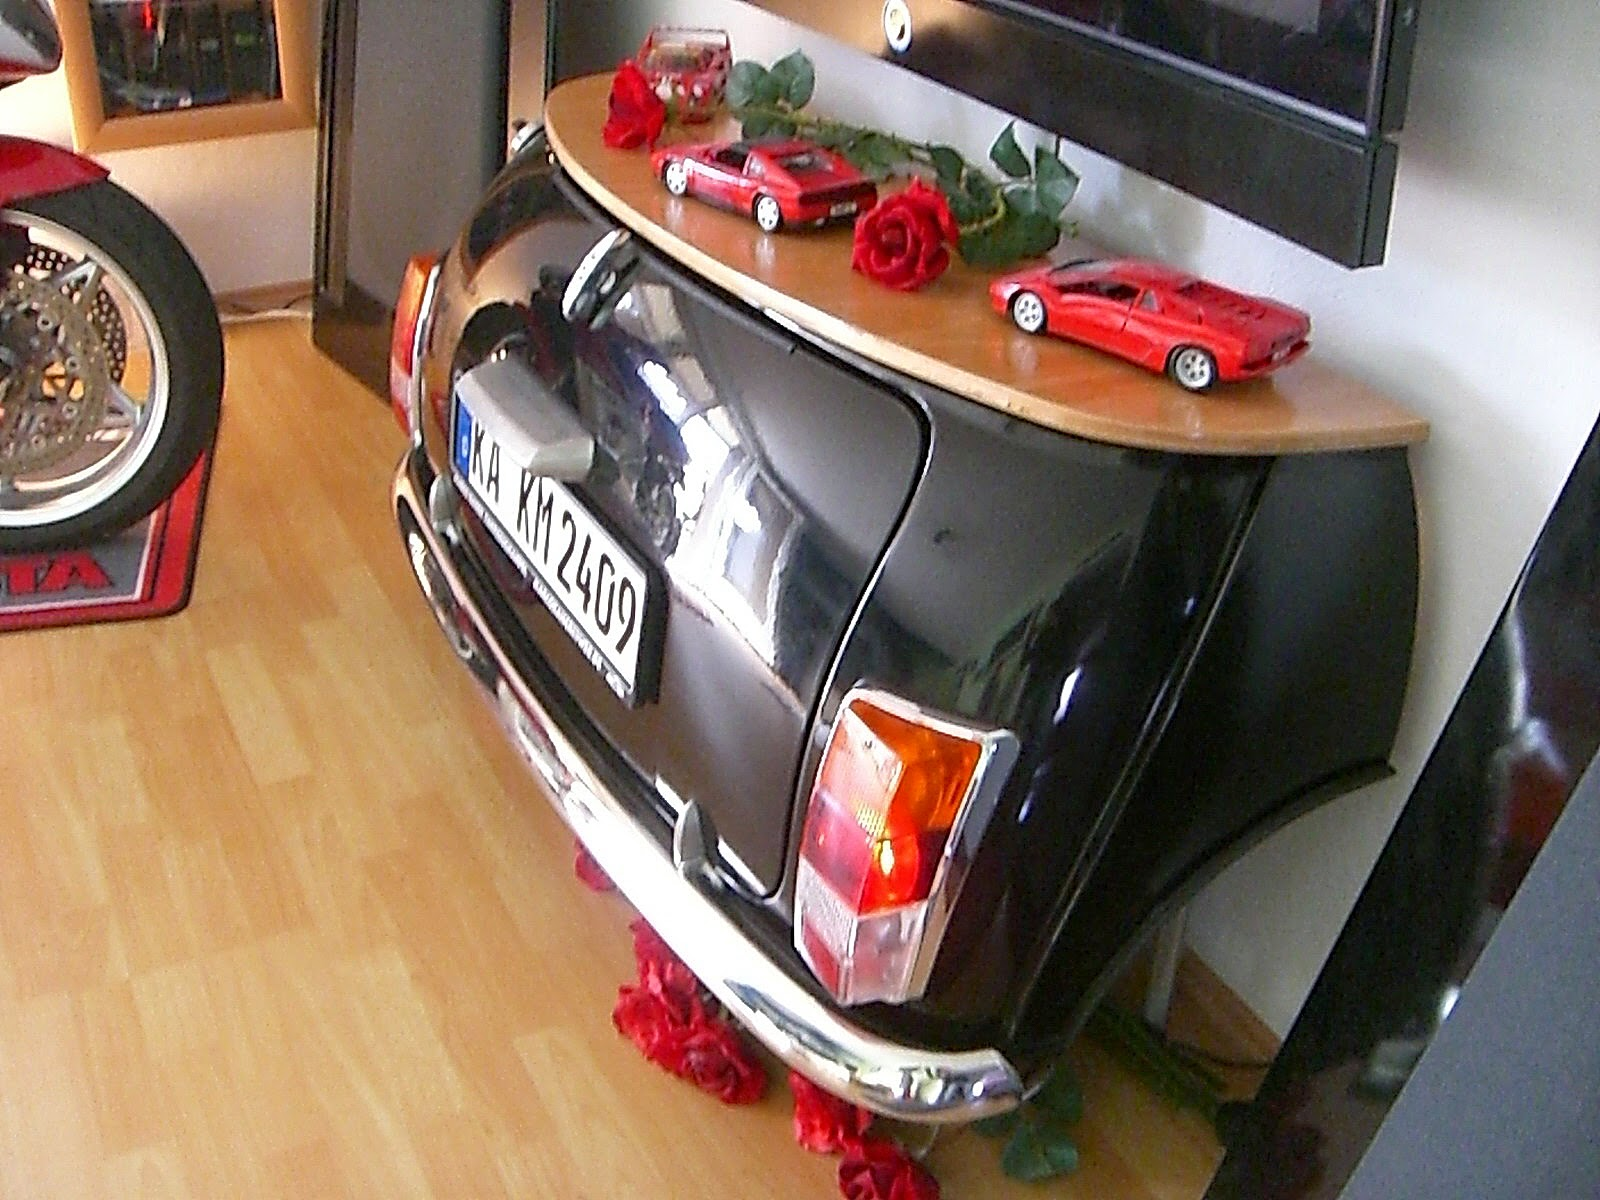 La buhardilla decoraci n dise o y muebles originales for Cosas para casa originales